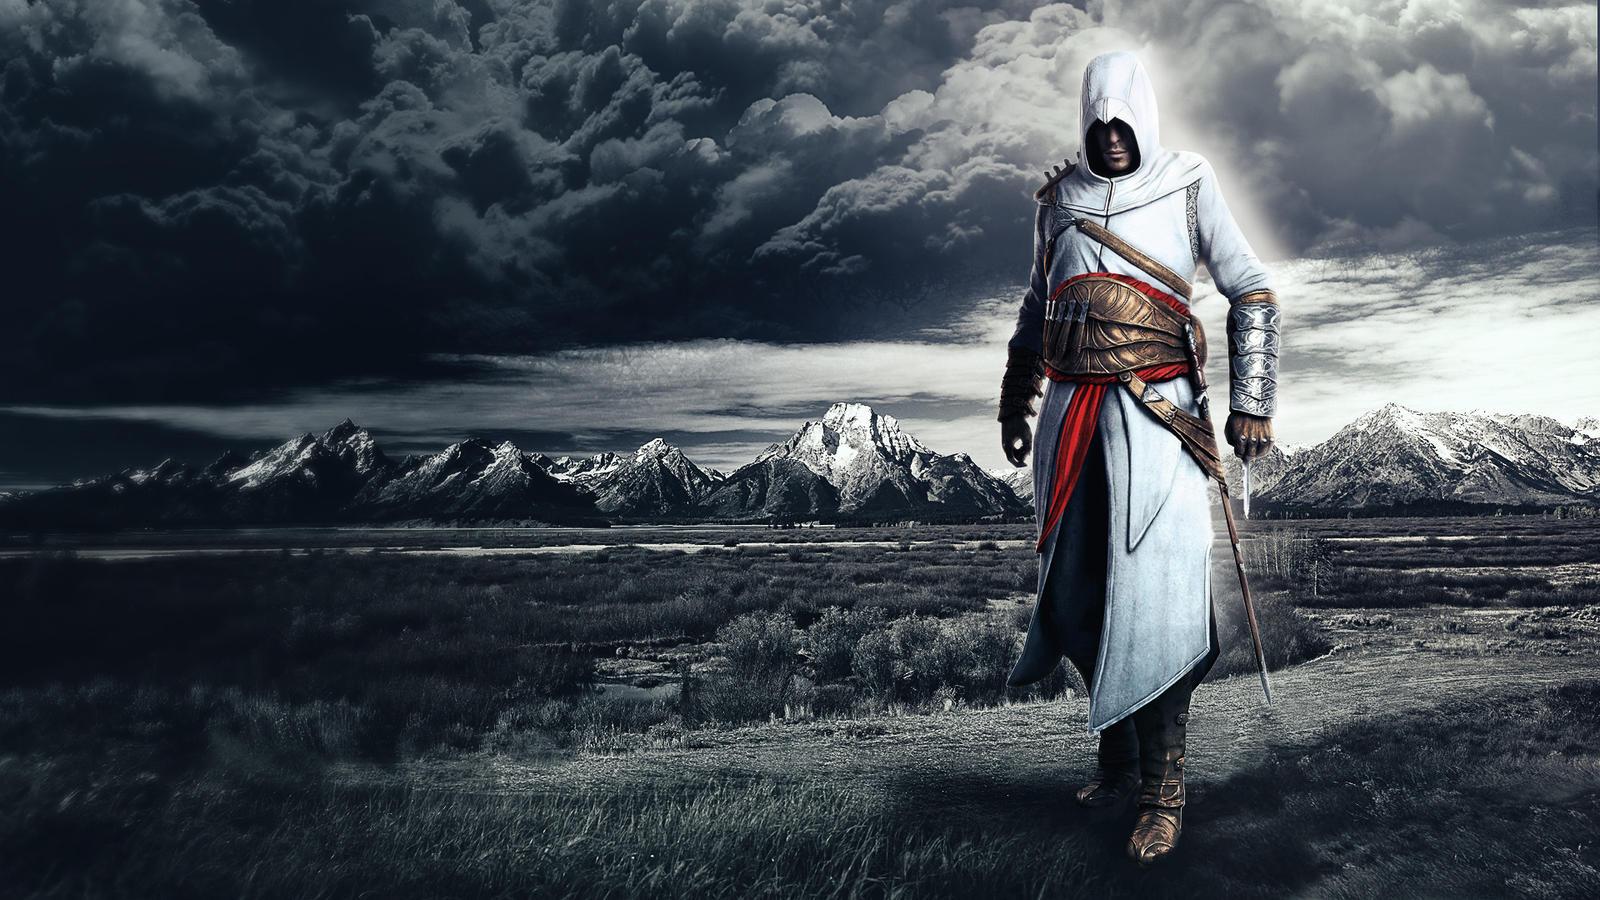 http://fc08.deviantart.net/fs71/i/2011/318/4/3/assassins_creed_revelations___altair_by_syan_jin-d4g32id.jpg